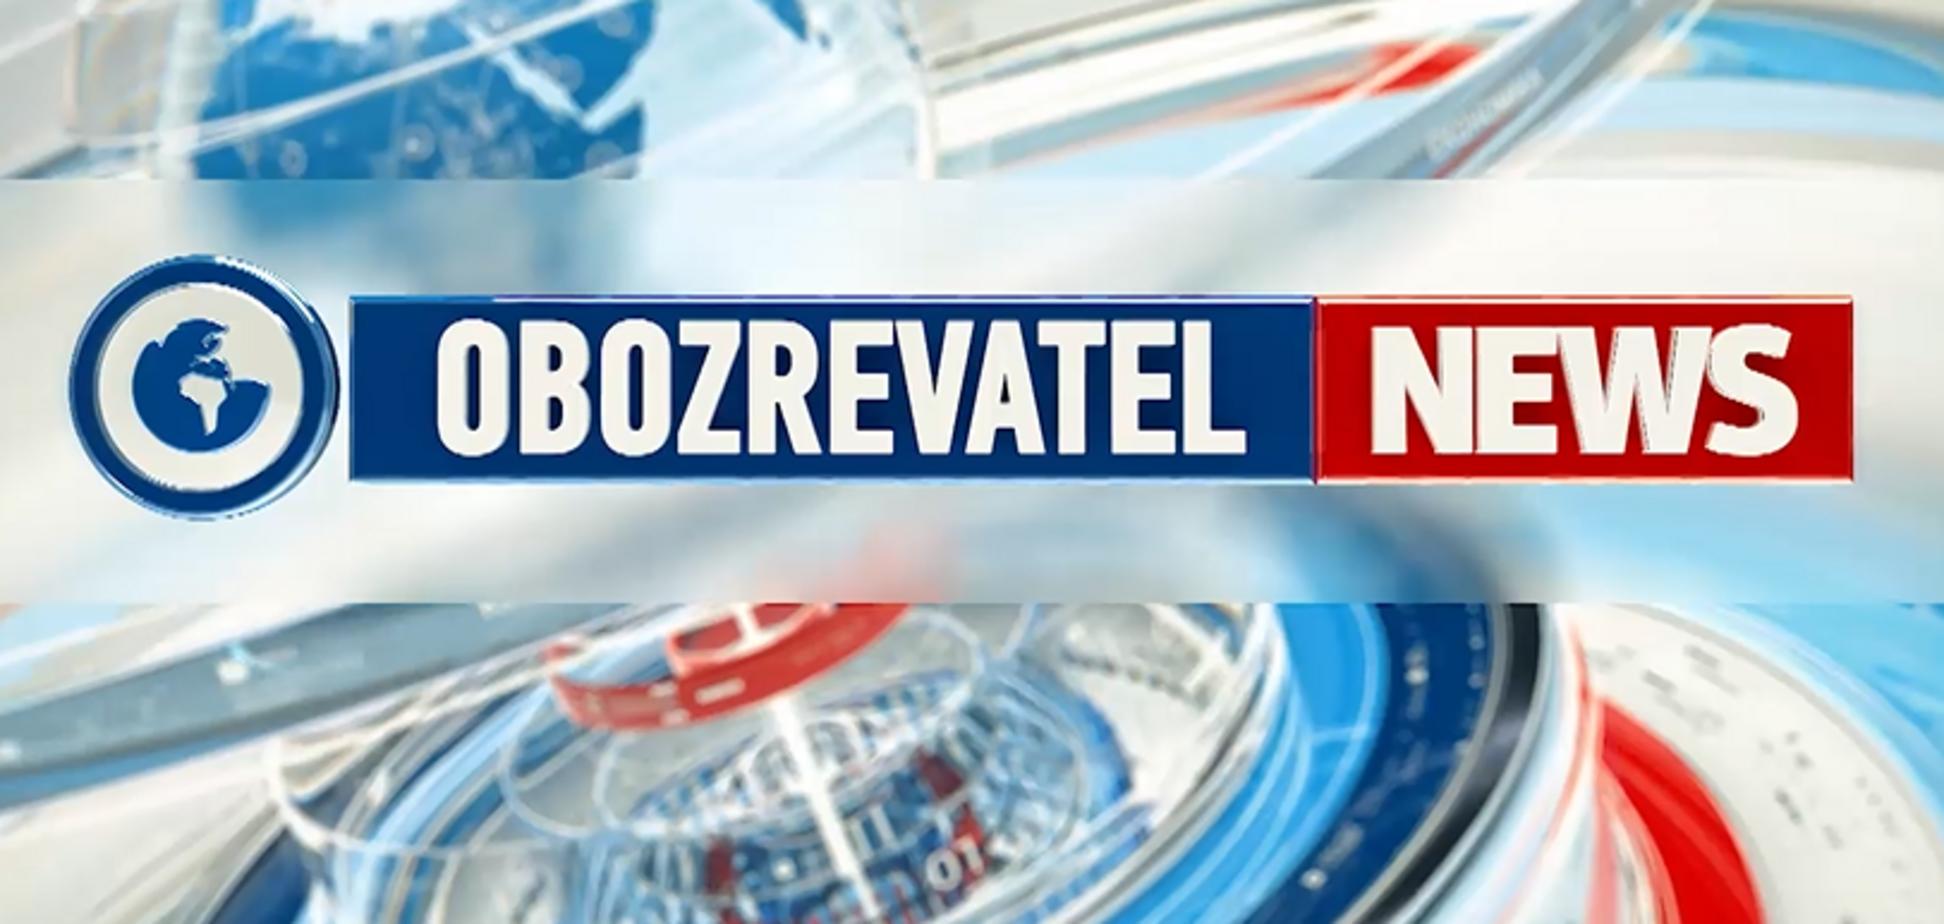 НП в Добропіллі, продаж суперкара Папи Римського - новини на ObozTV